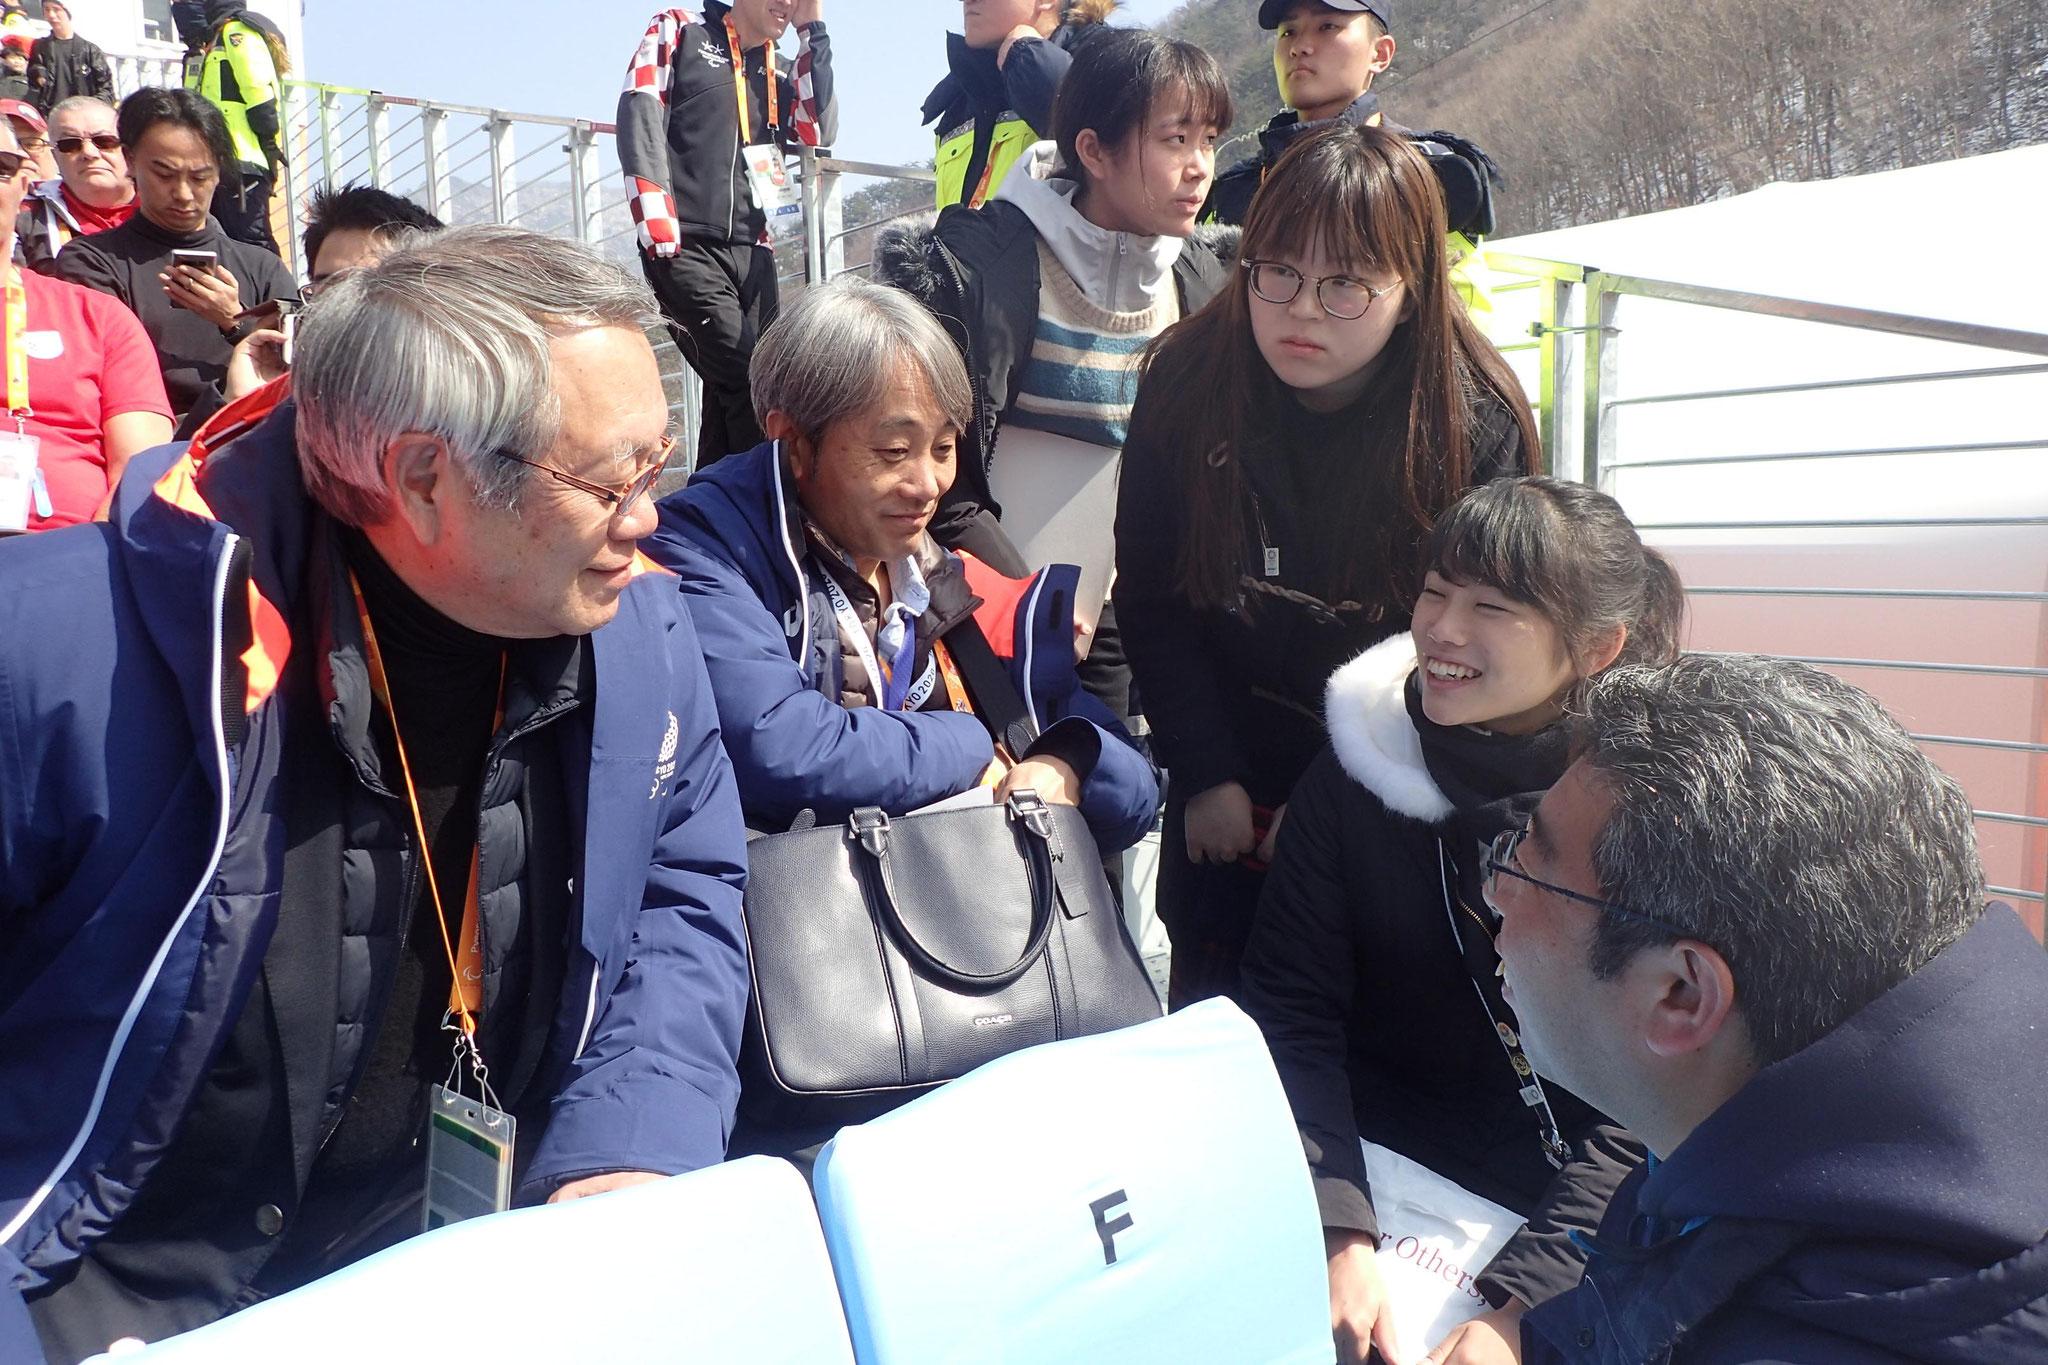 東京2020オリンピック・パラリンピック競技大会組織委員会河野副会長に学生がインタビュー